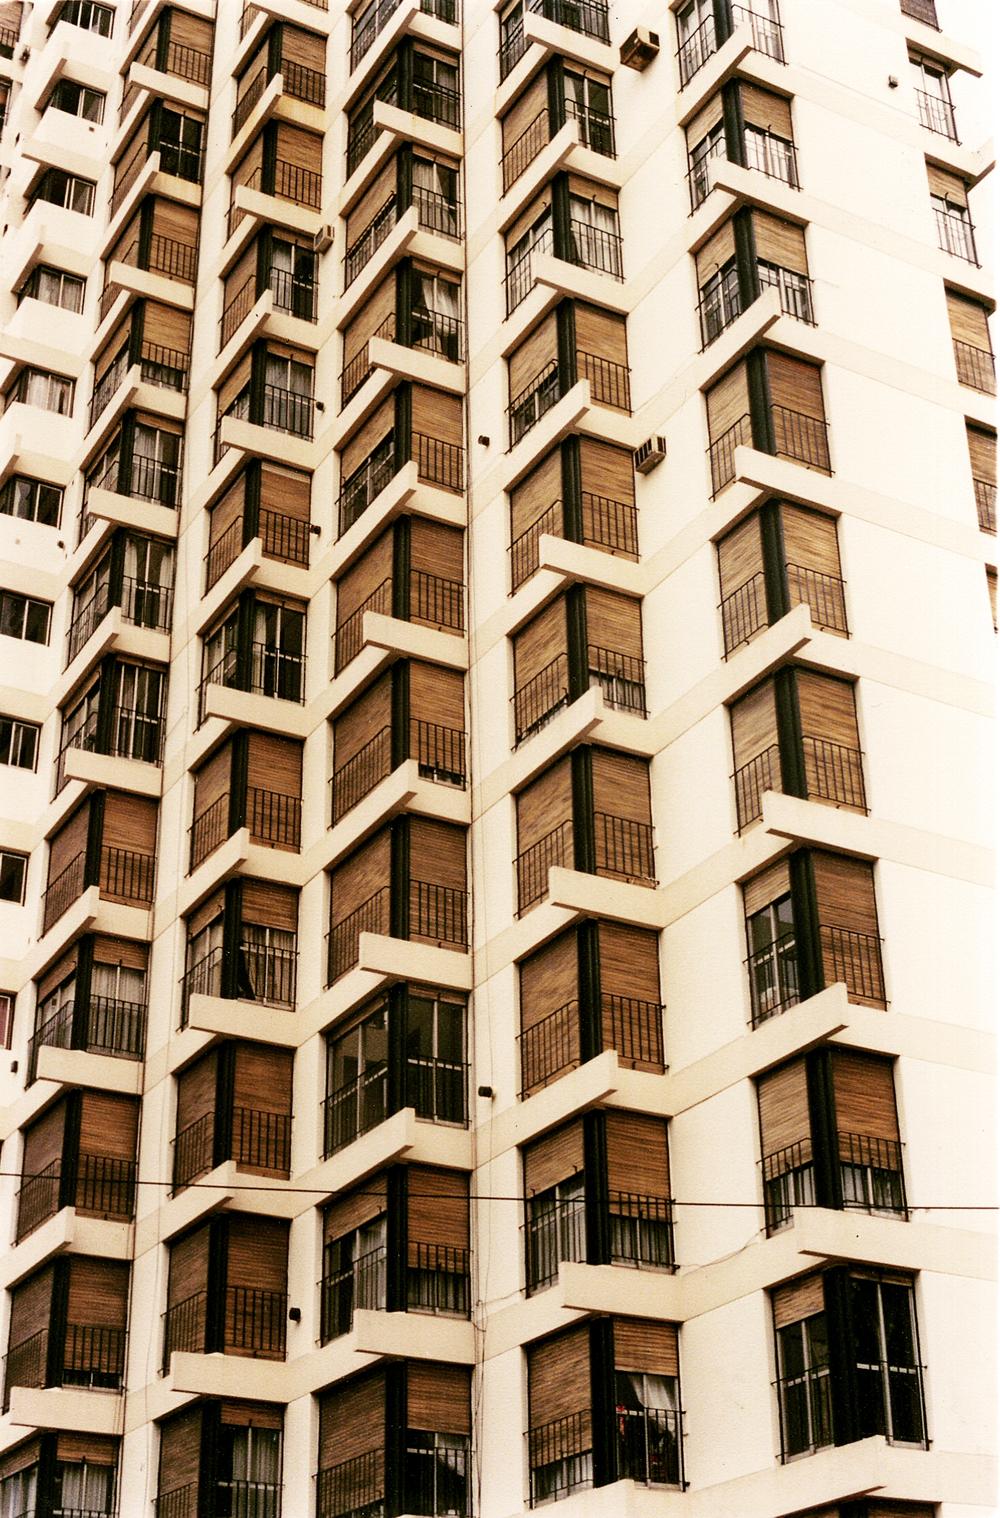 Montevideo, 2005